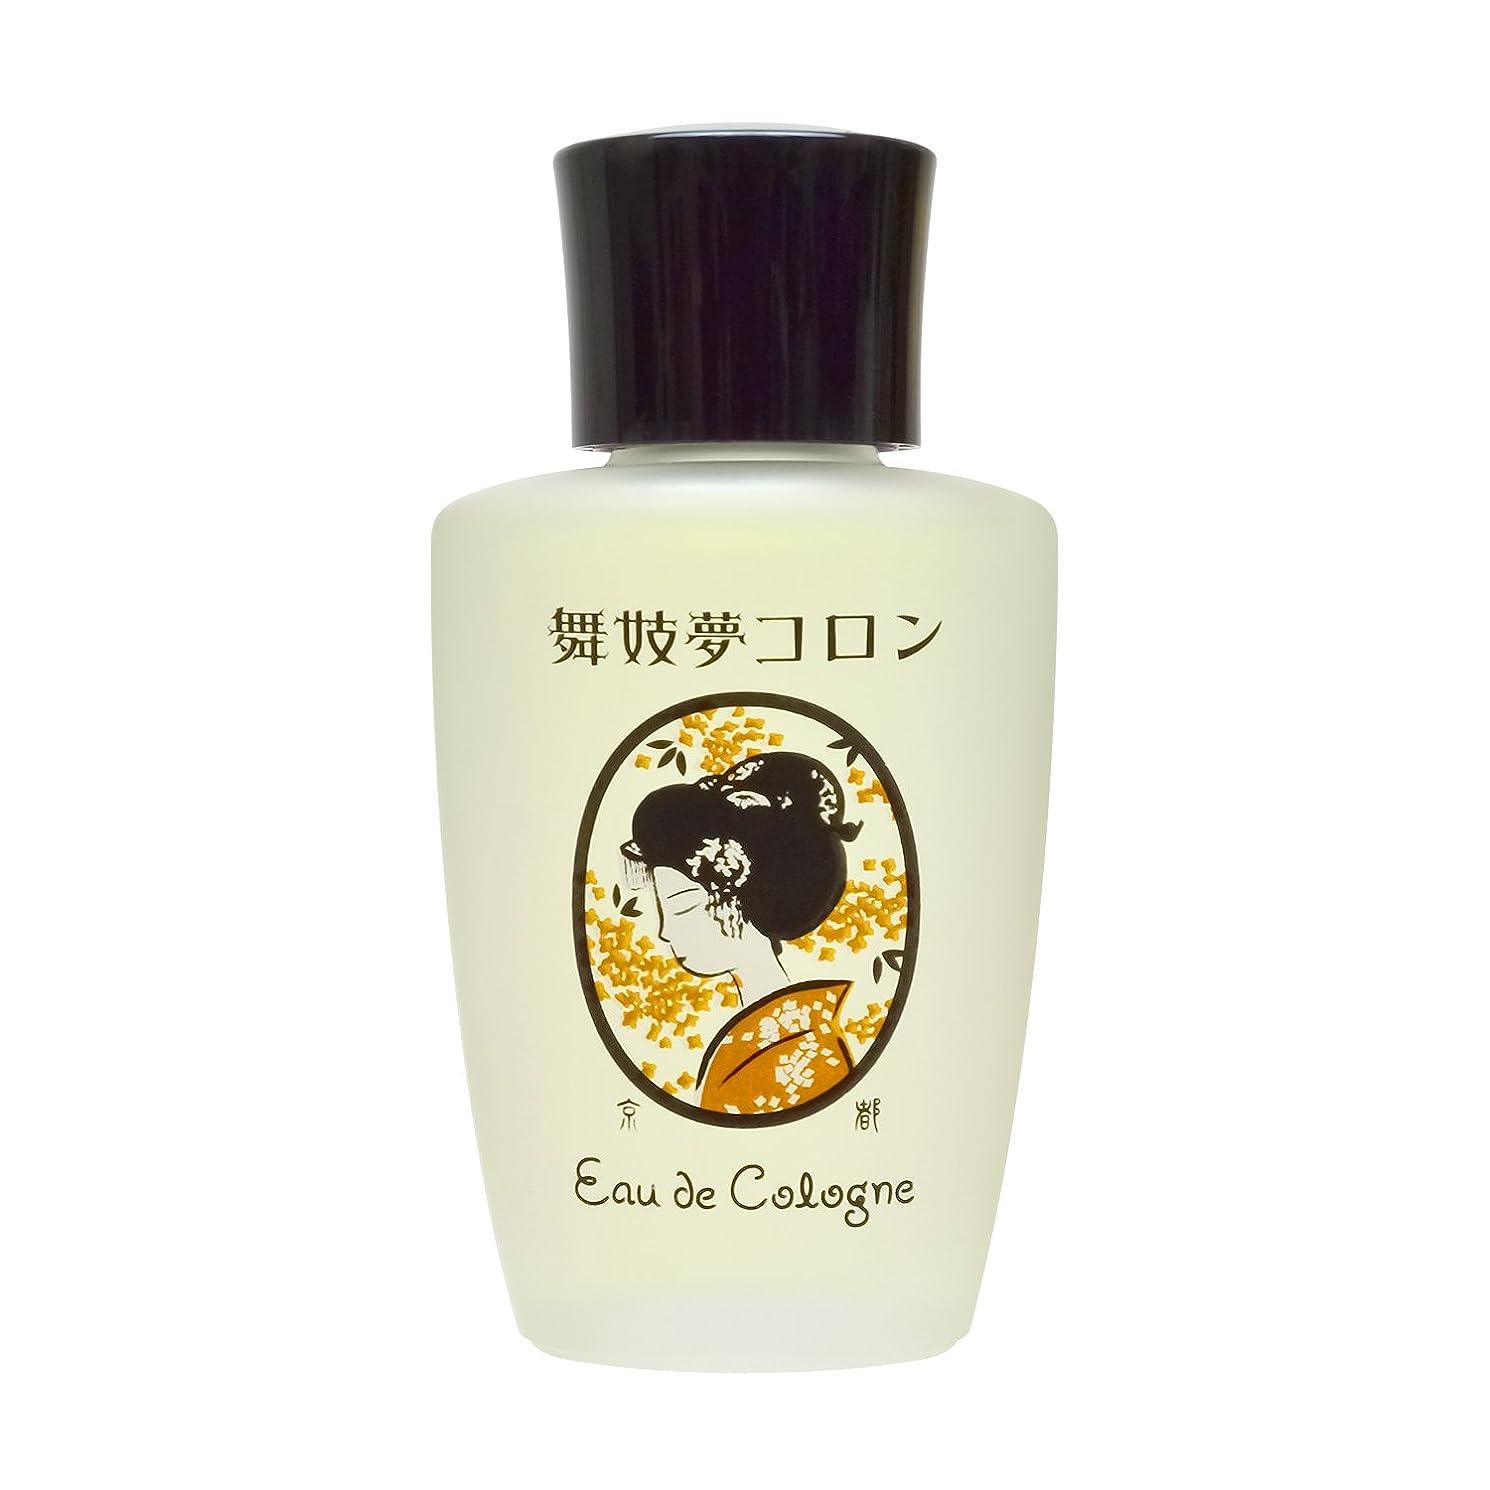 精神なに絡み合い京コスメ 舞妓夢コロン 金木犀/きんもくせいの香り 単品